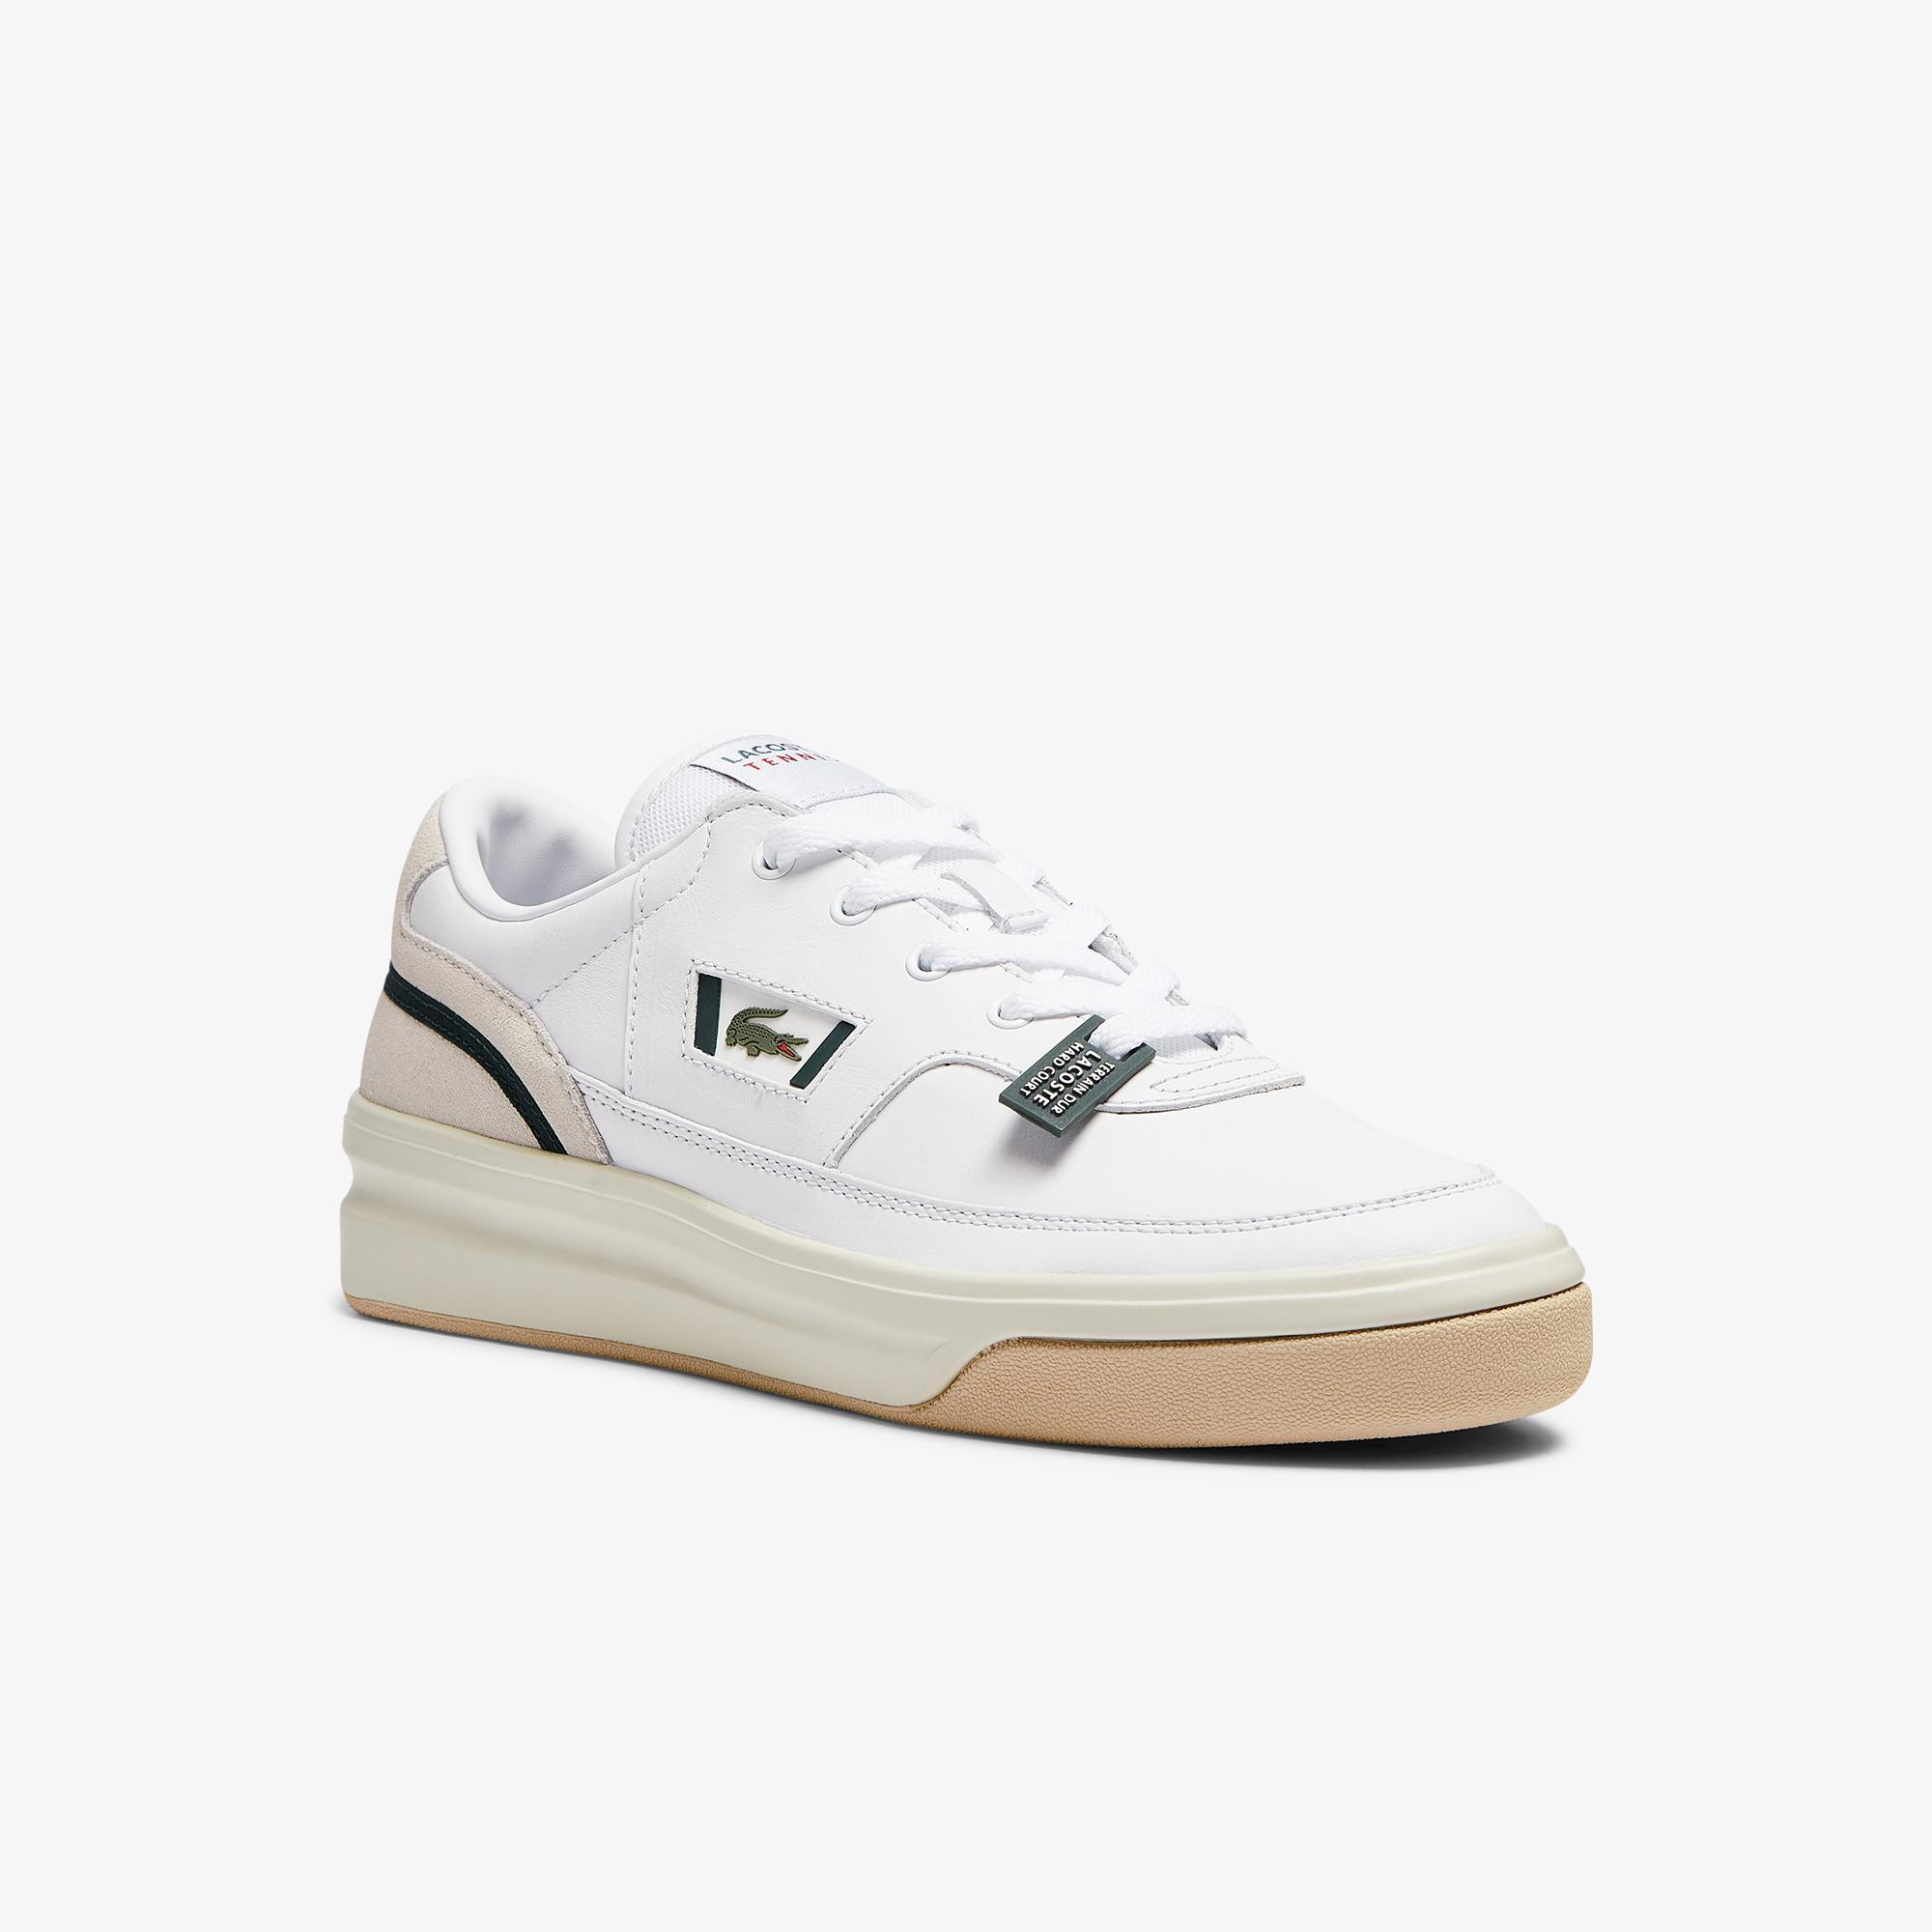 Lacoste Men's G80 0721 1 Sma Shoes